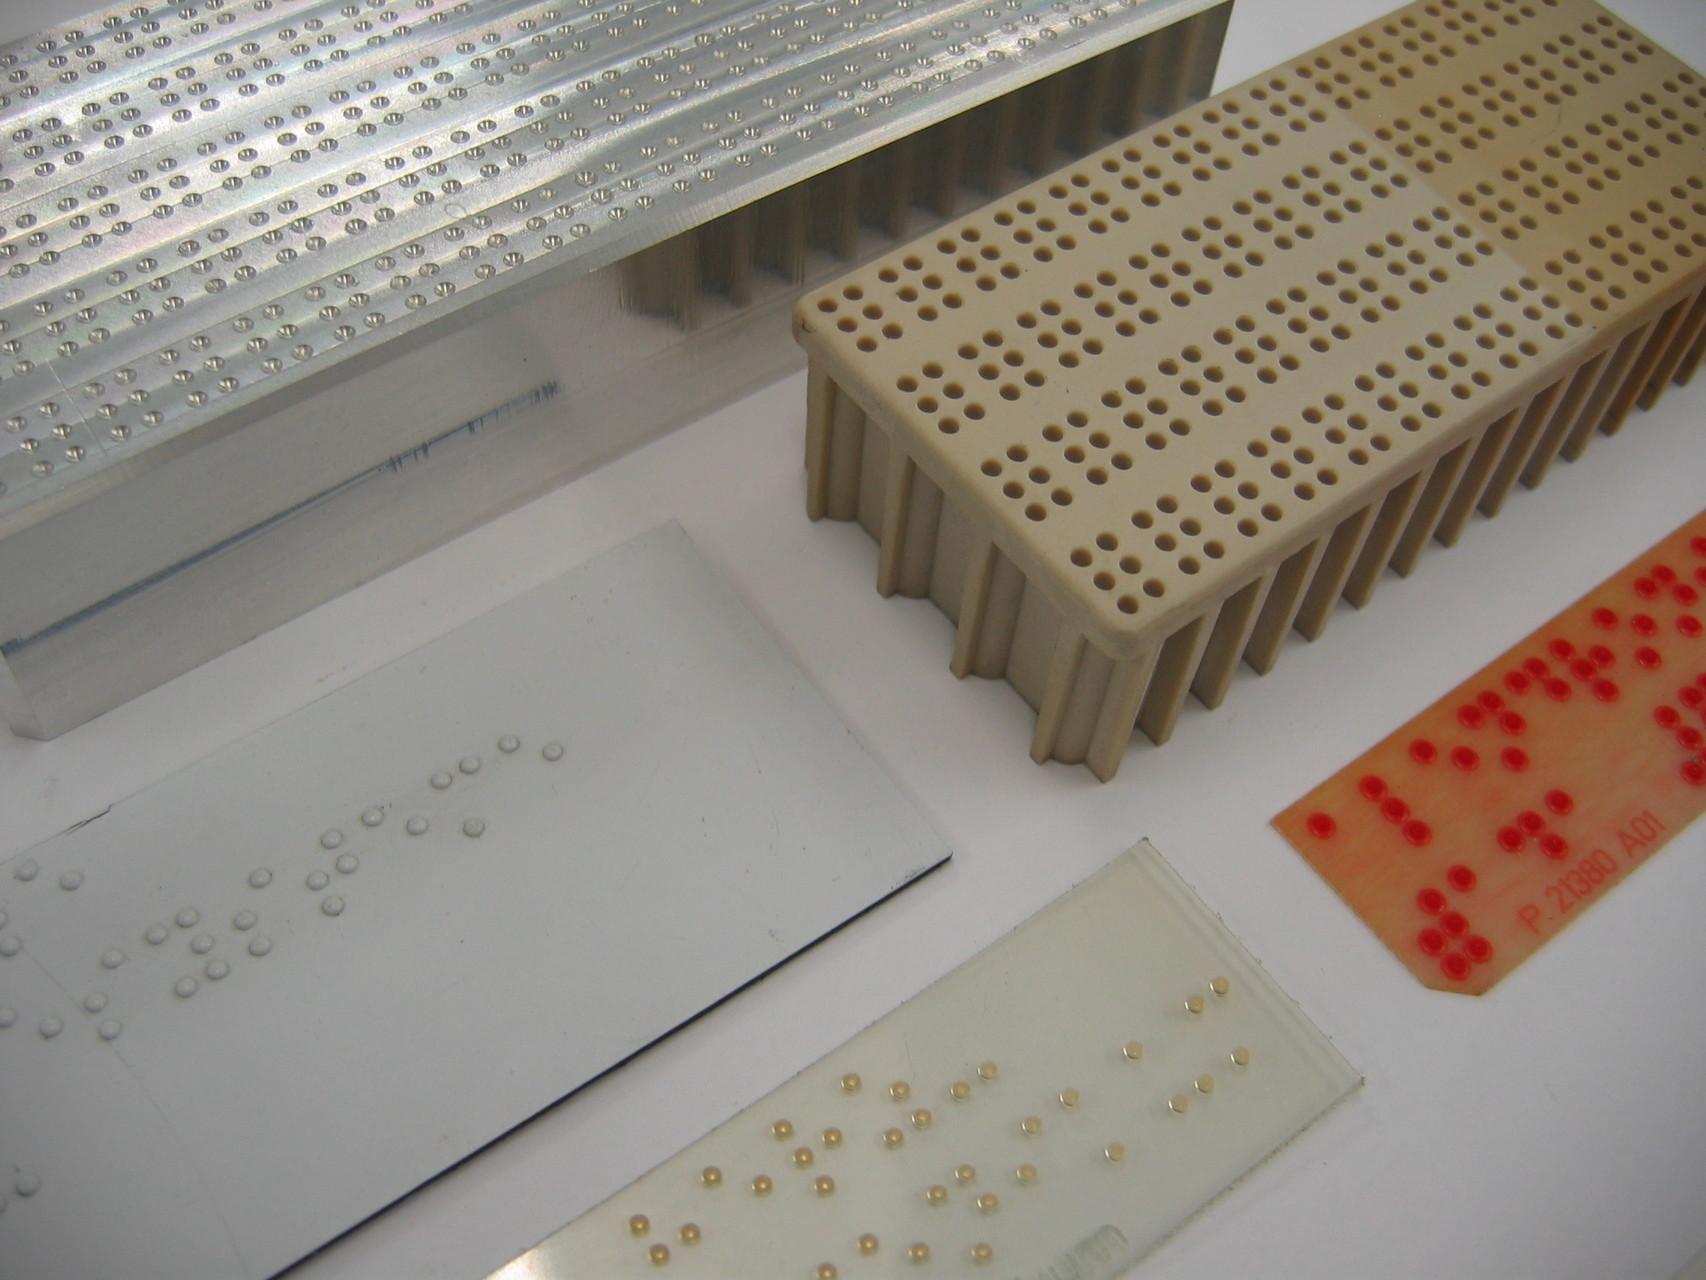 Blindenschrift / Braille